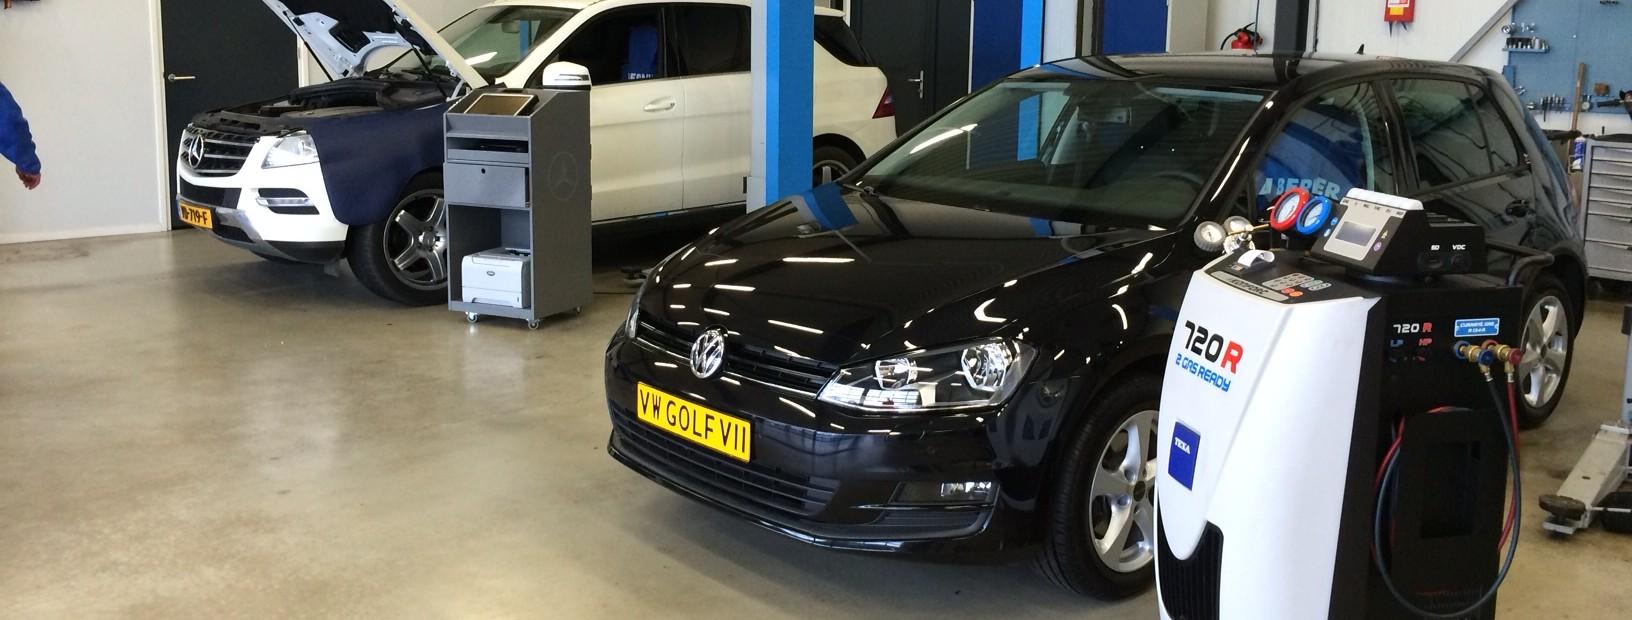 Airco onderhoud | Auto airco | Autocentrum Douwe De Beer